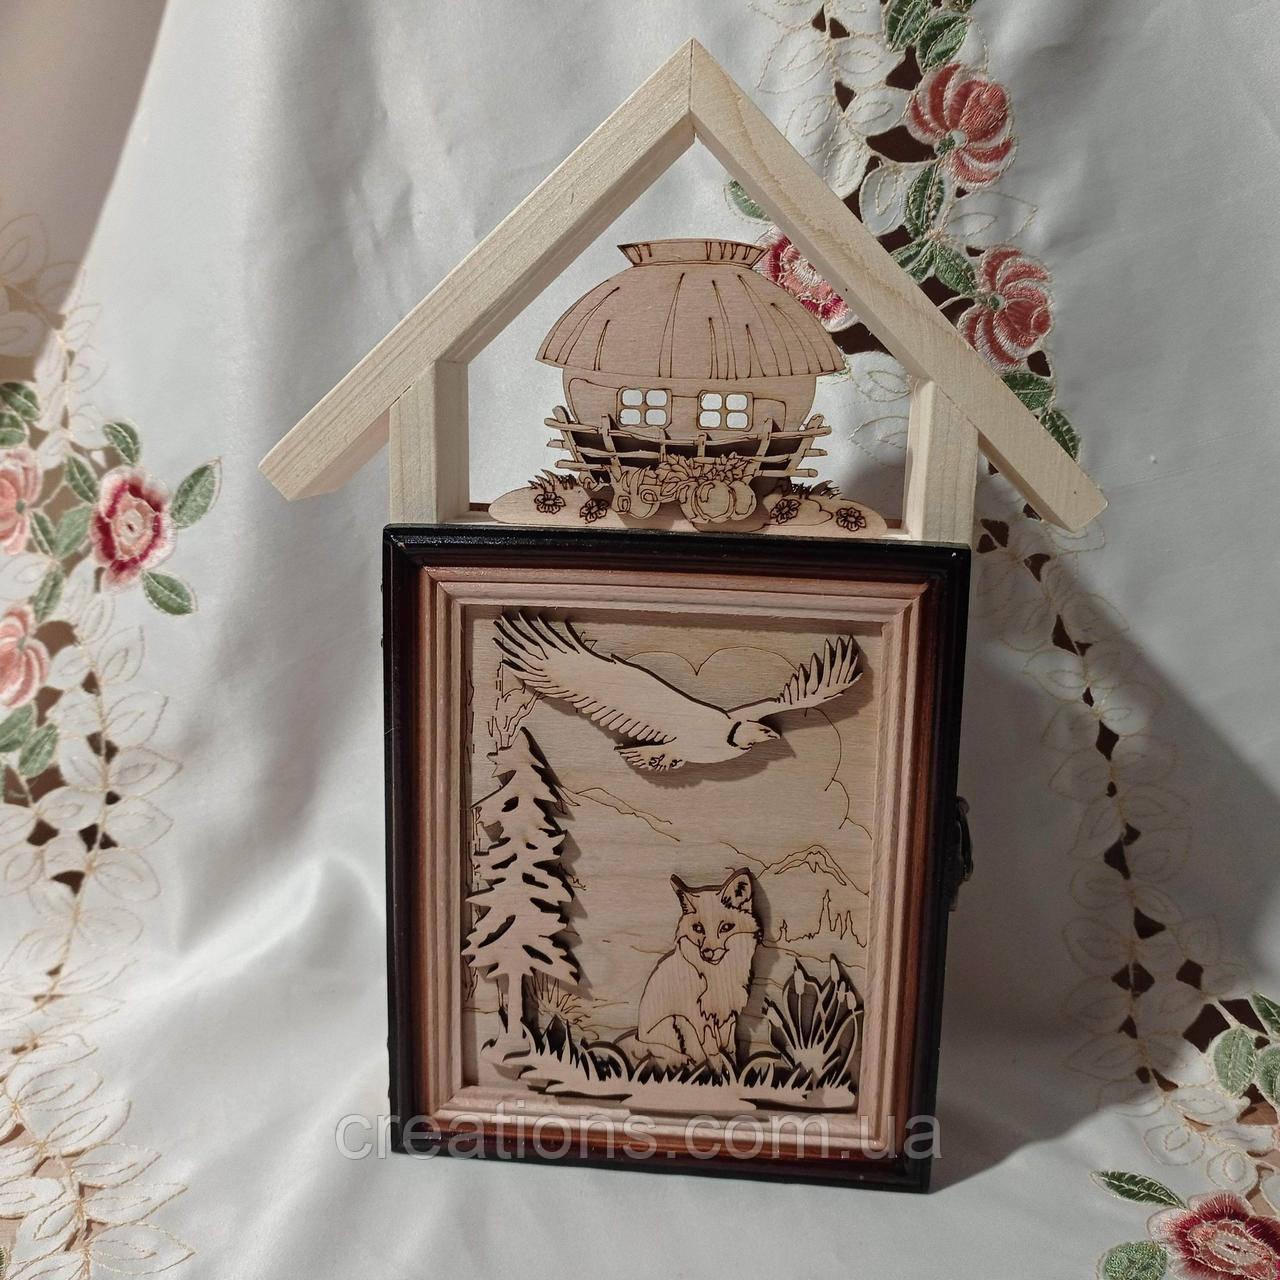 Ключница домик деревянная  закрытая 32 см. на 5 ключей